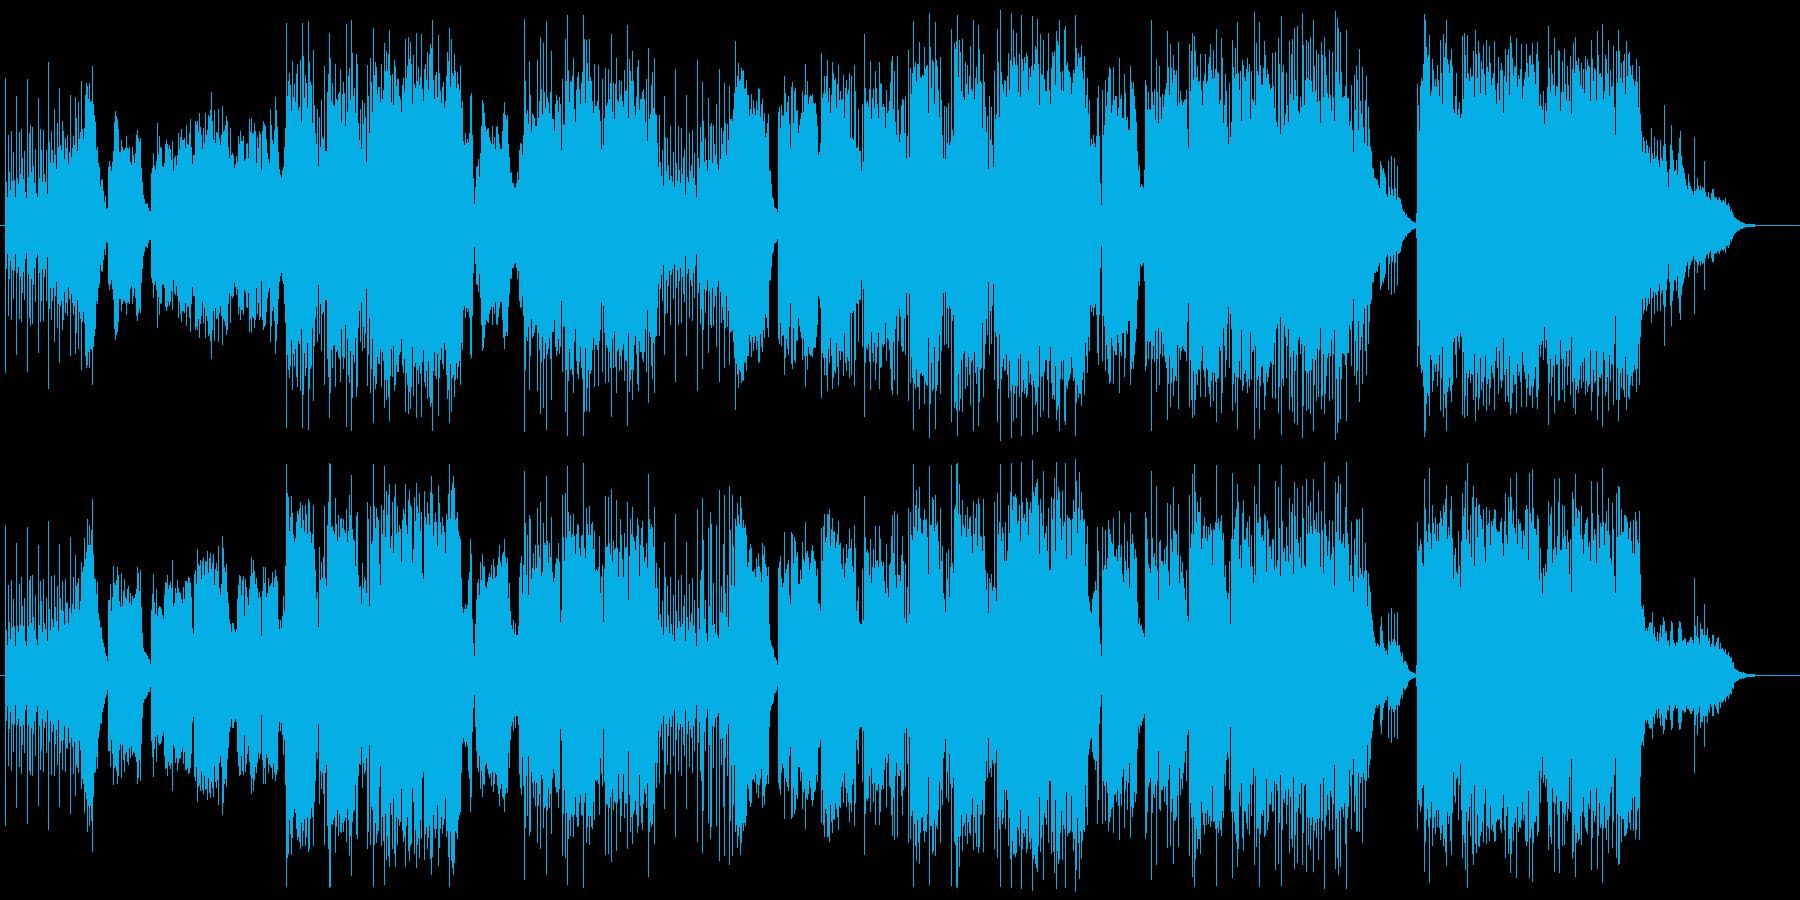 民族楽器の笛を生で収録した和風曲の再生済みの波形